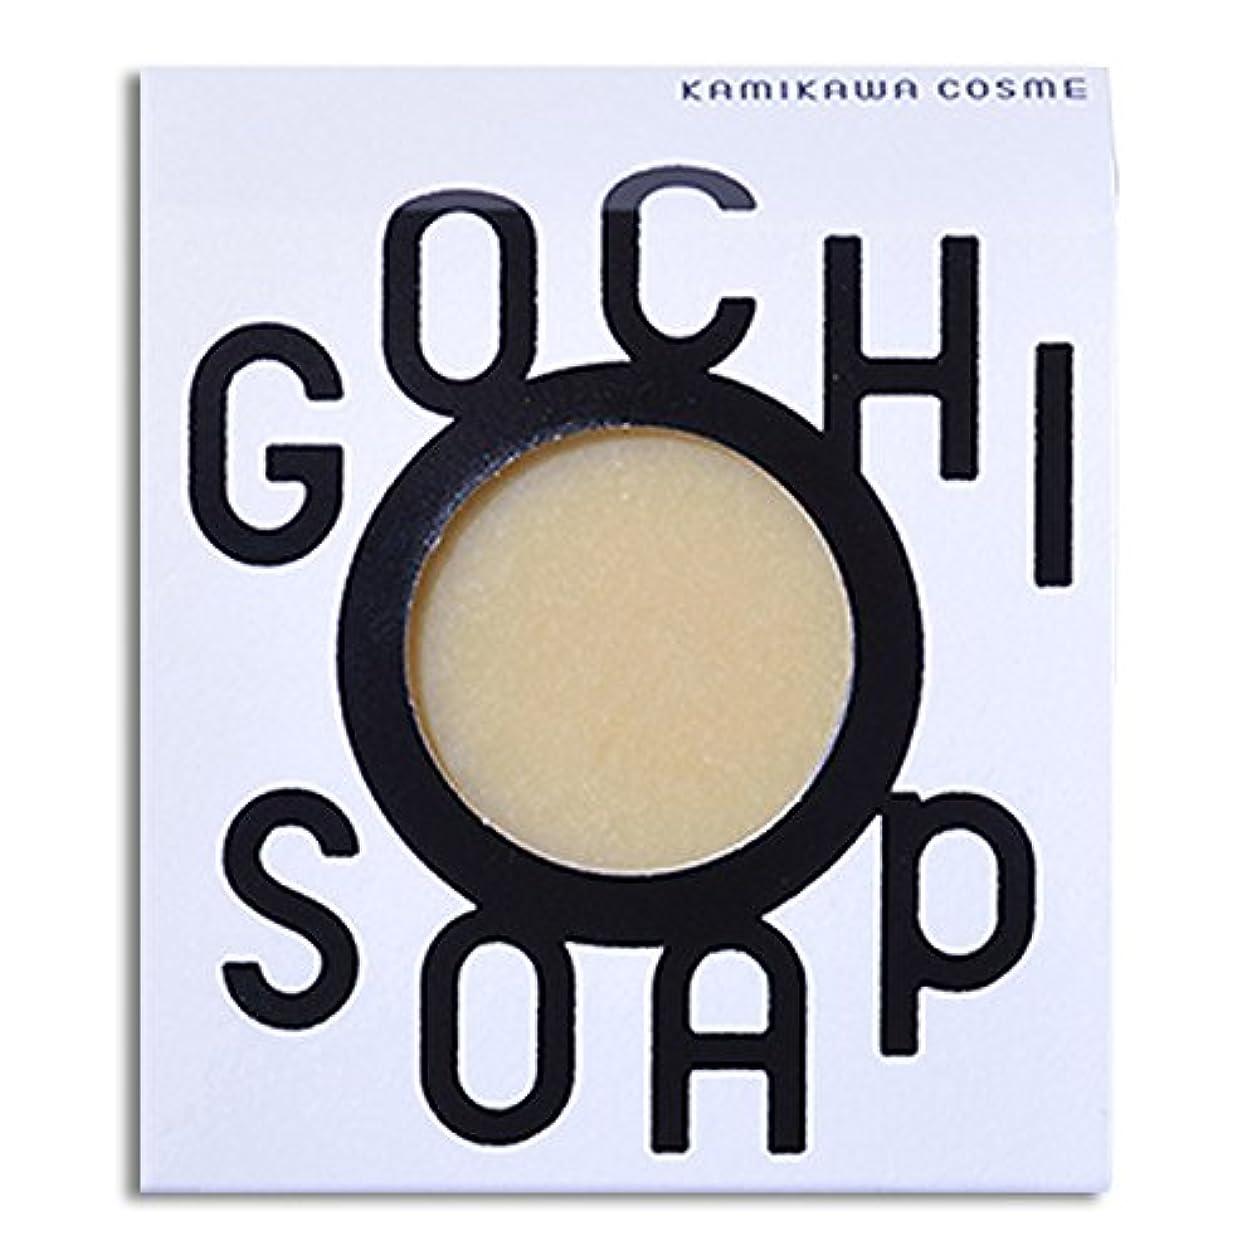 後継素晴らしいです質量道北の素材を使用したコスメブランド GOCHI SOAP(山路養蜂園の蜂蜜ソープ?ふじくらますも果樹園のりんごソープ)各1個セット